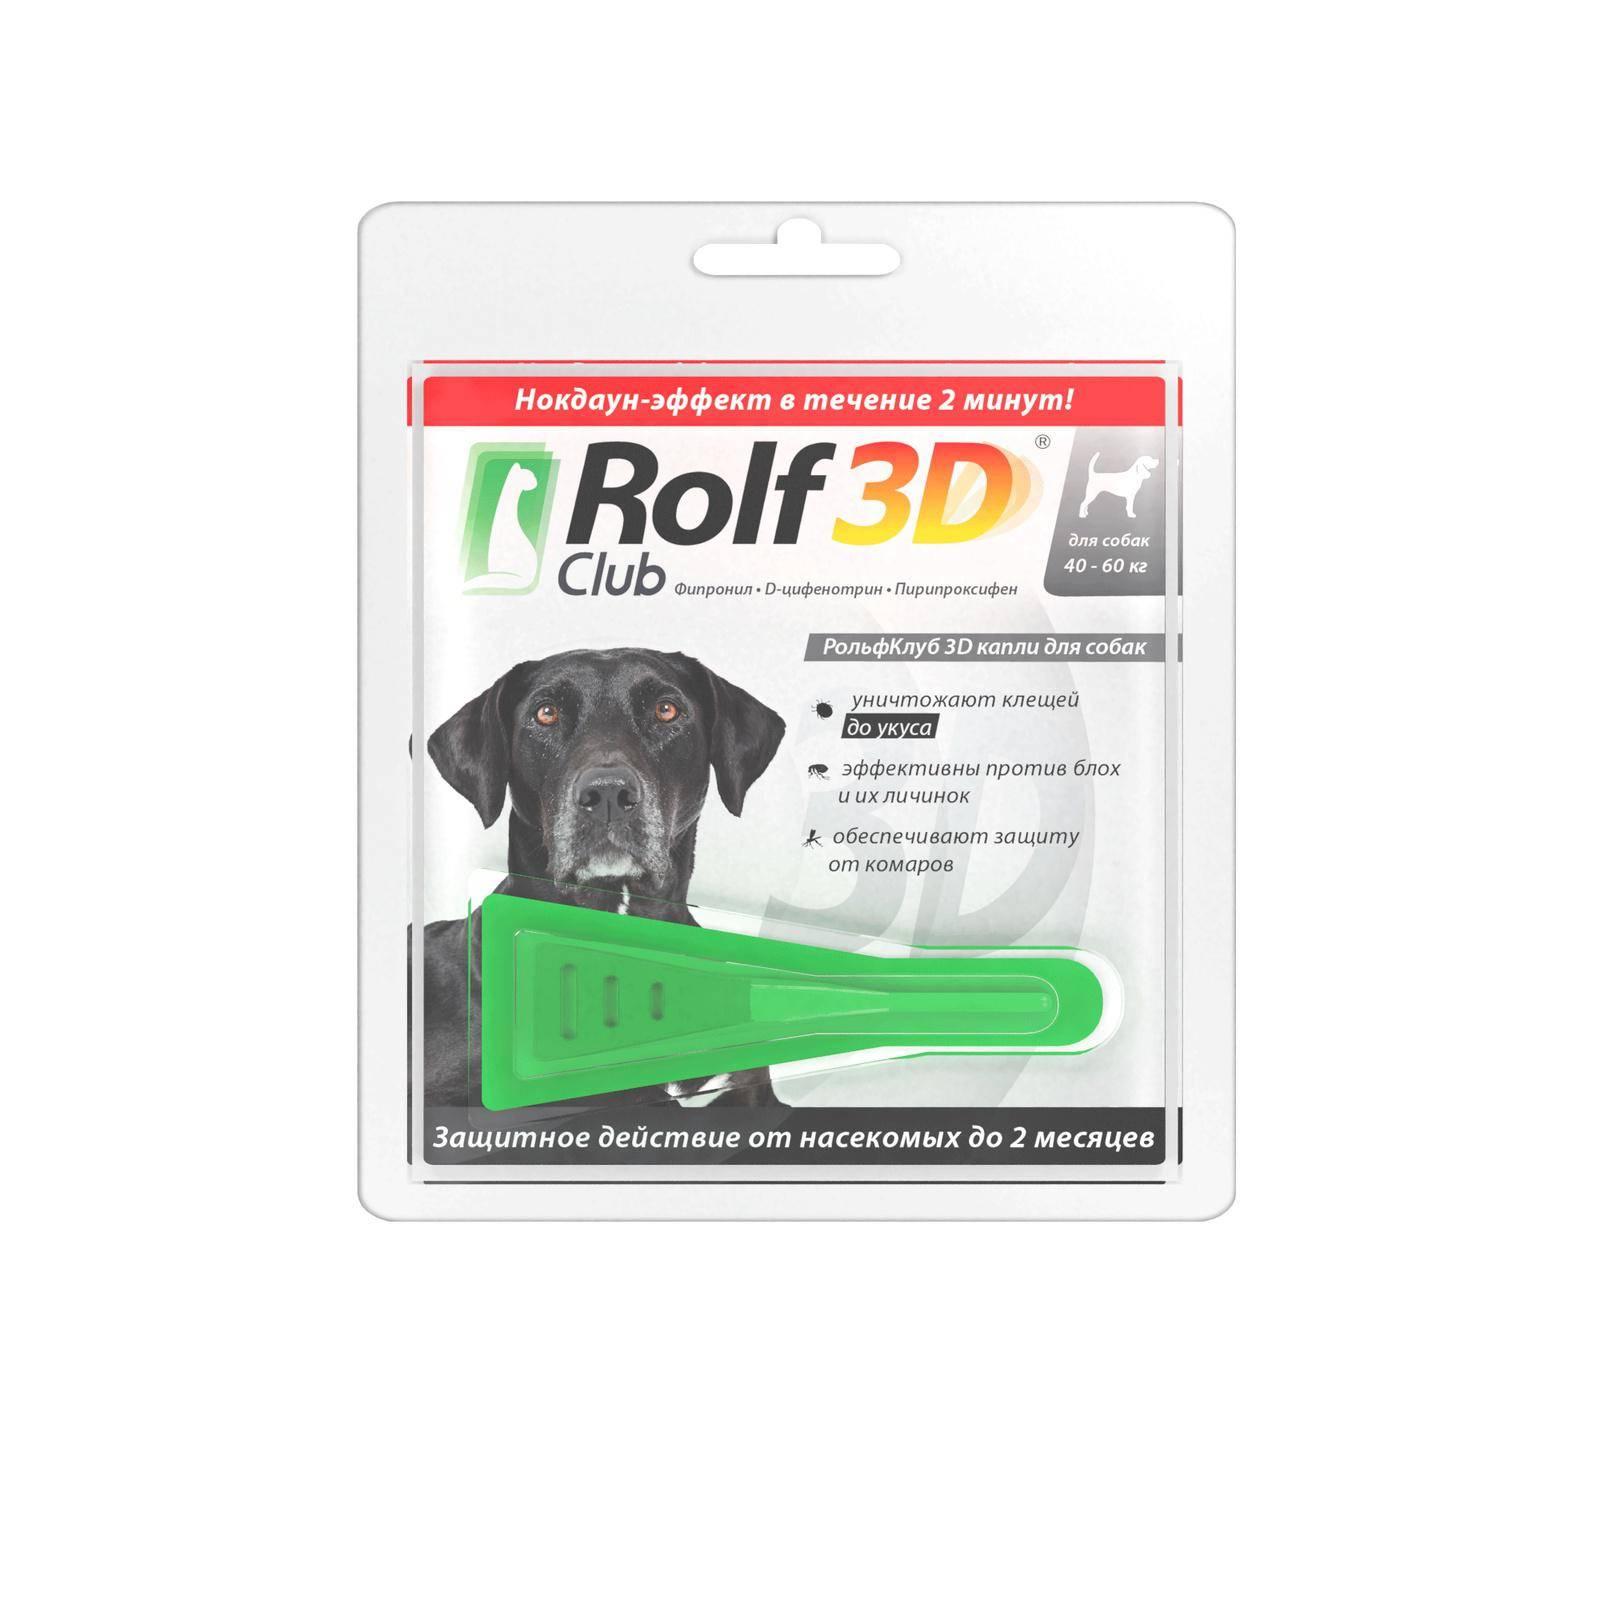 Рольф клаб капли от клещей для собак - отзывы и инструкции к применению